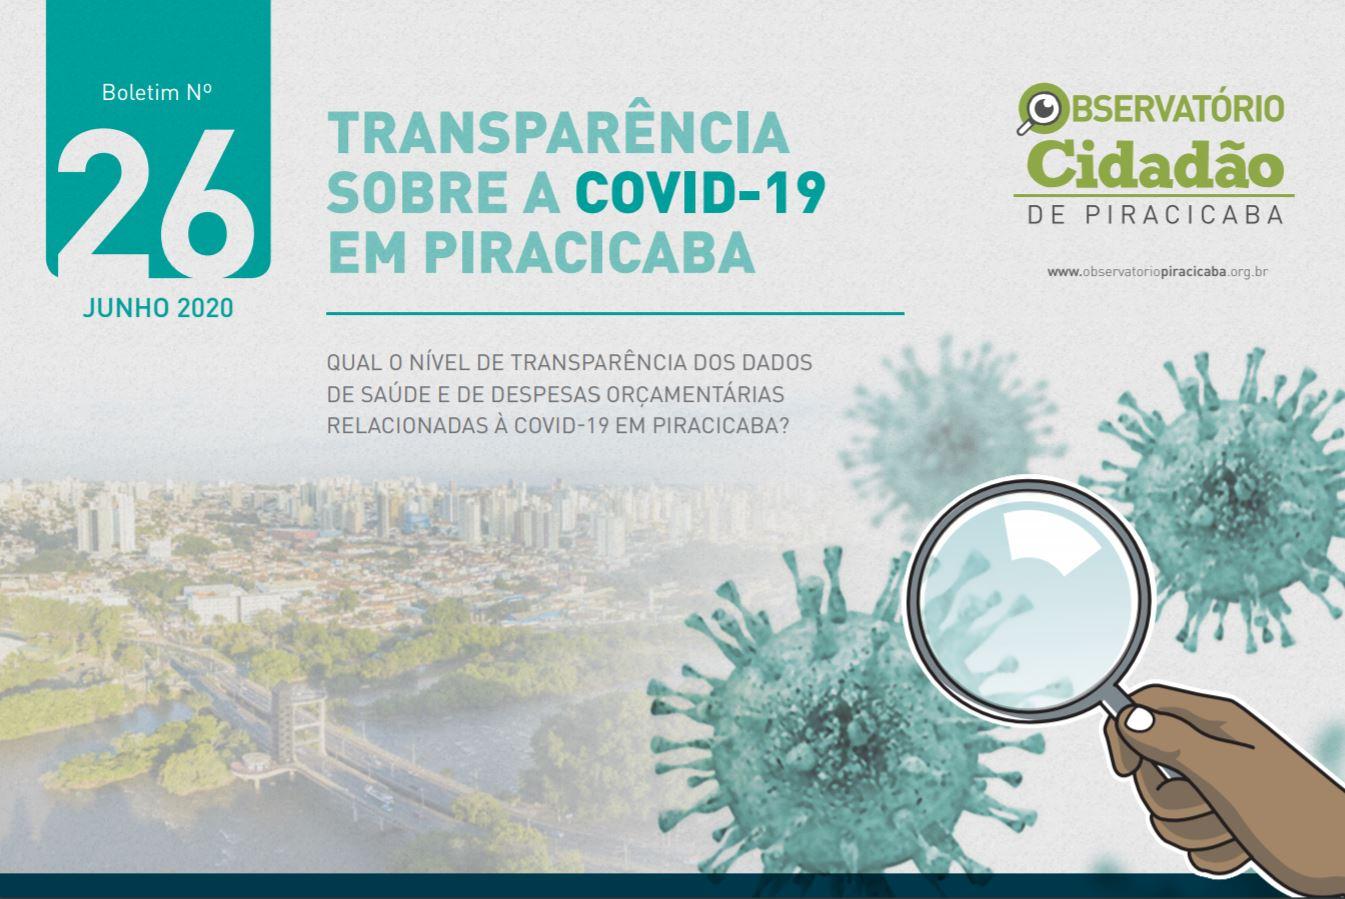 Piracicaba não atende a critérios de transparência na divulgação de dados de saúde relacionados à Covid-19